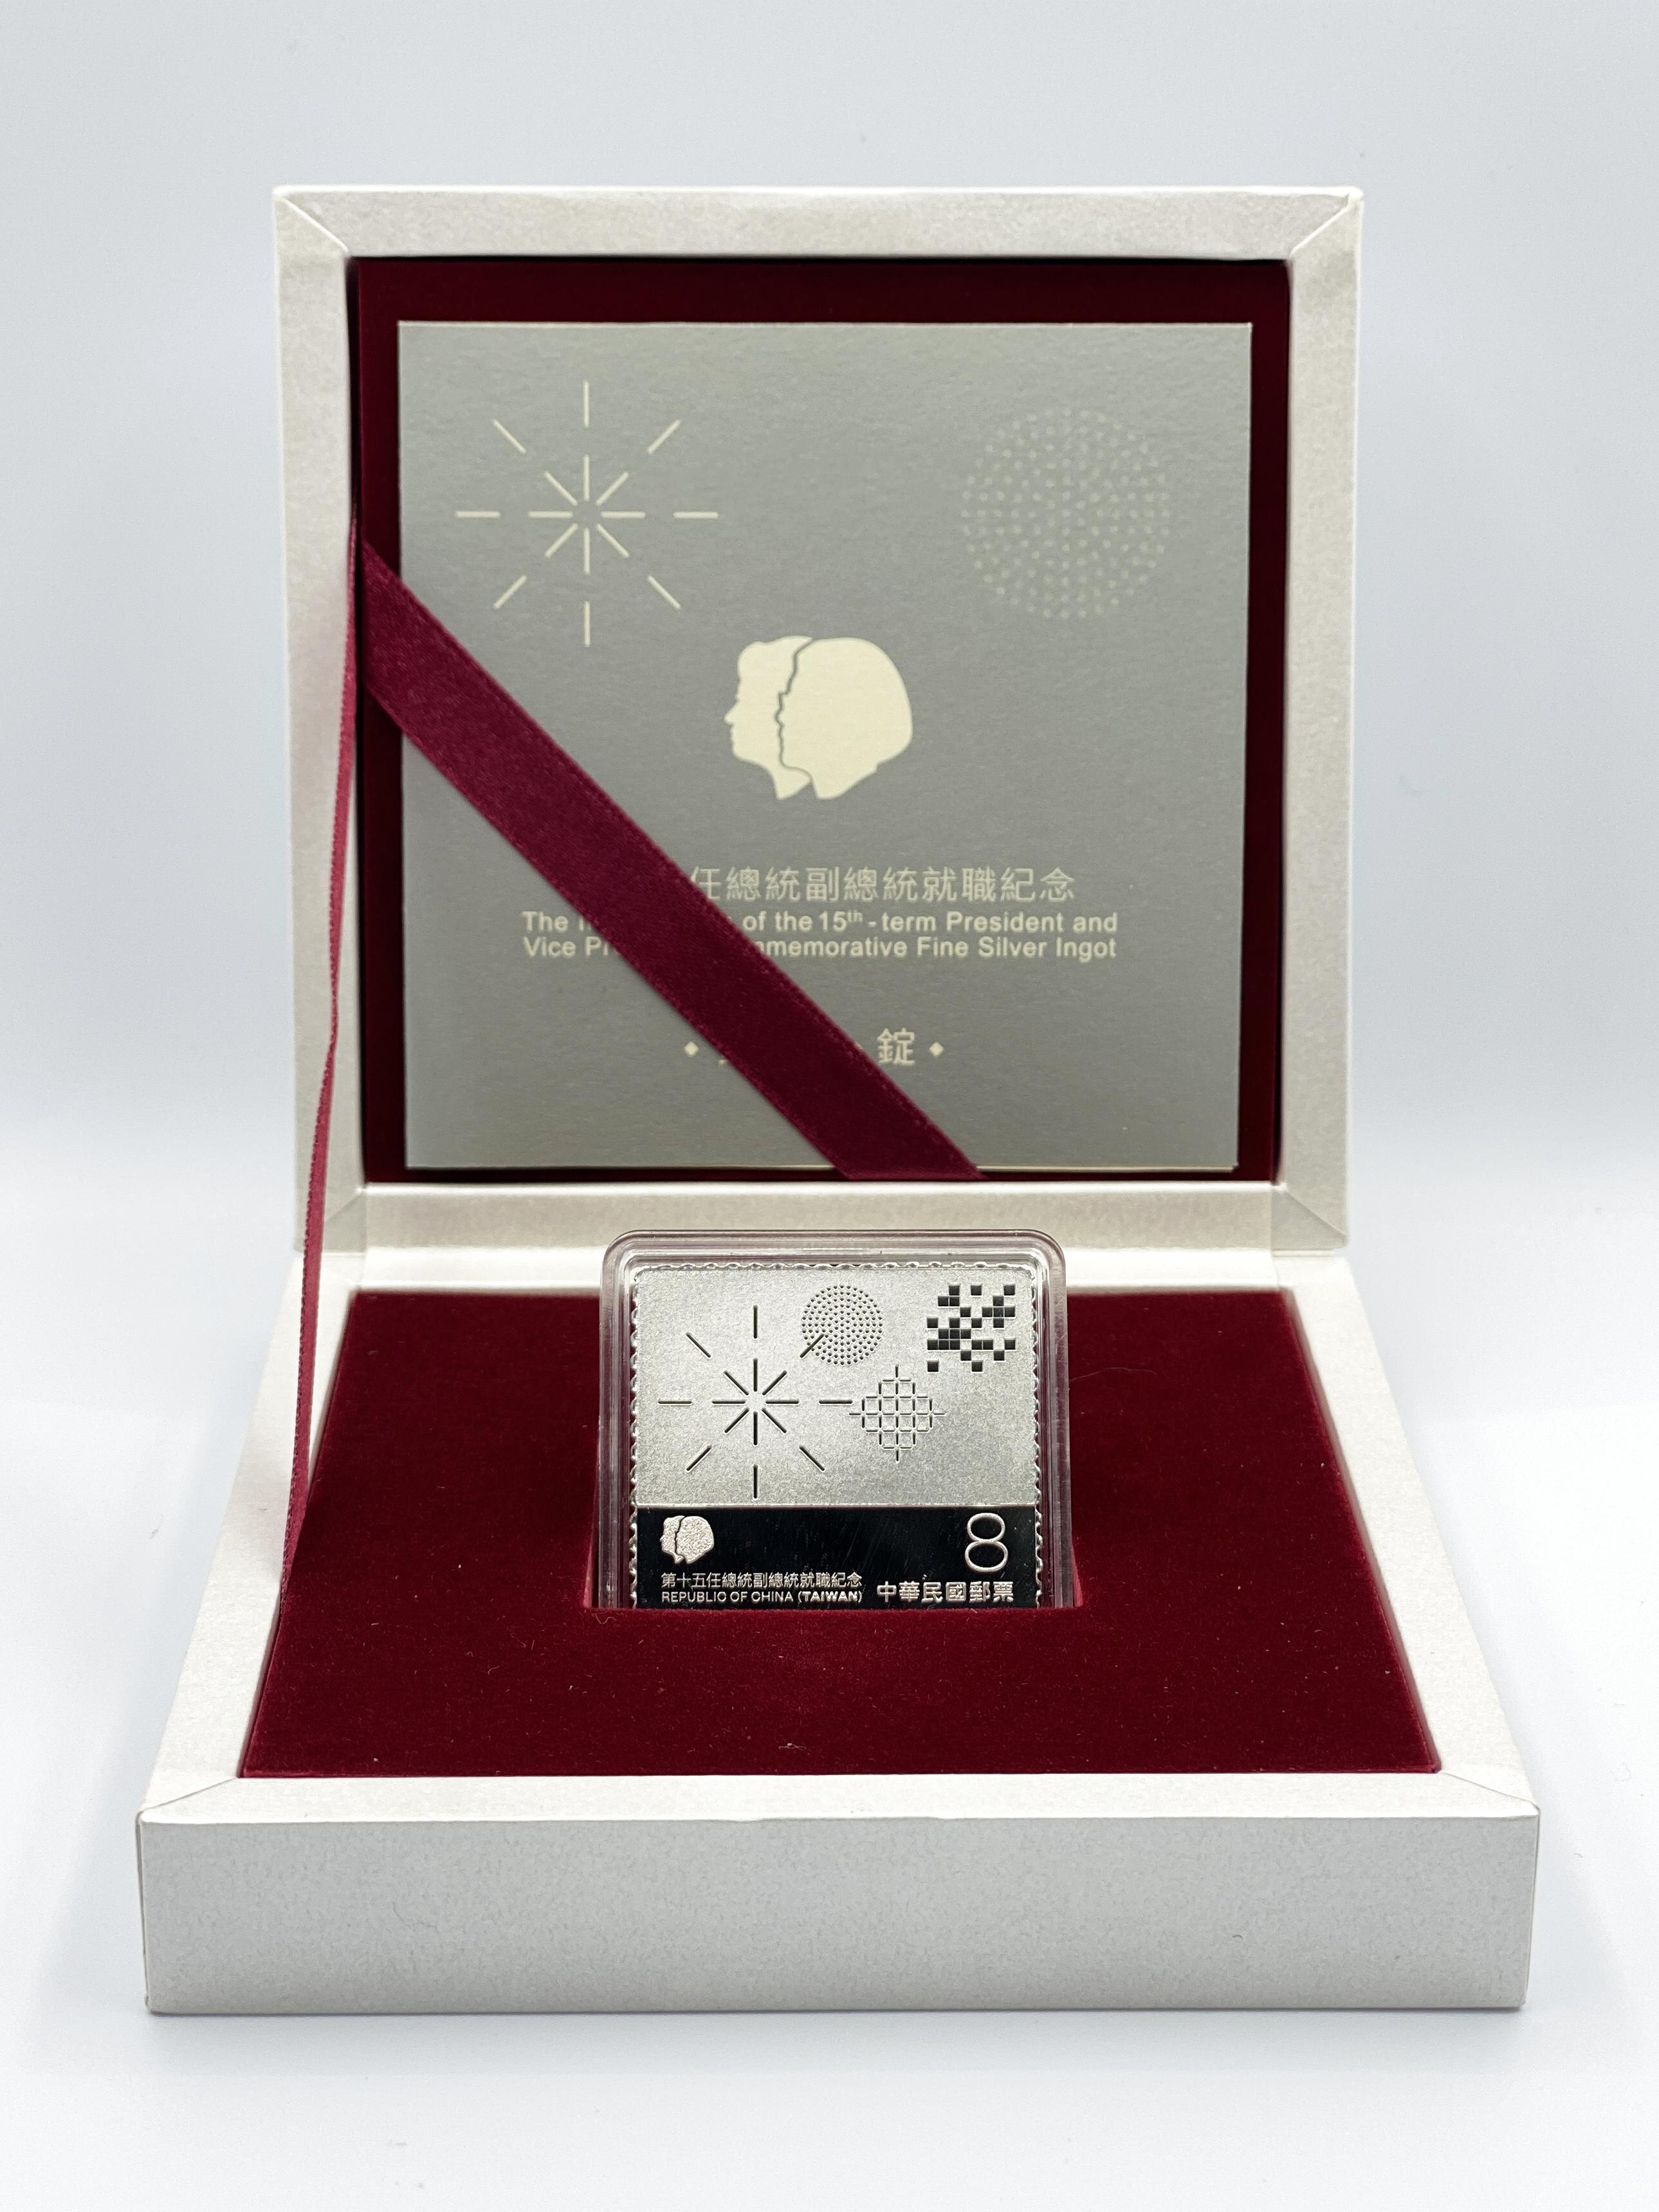 第十五任總統副總統就職紀念銀鑄錠